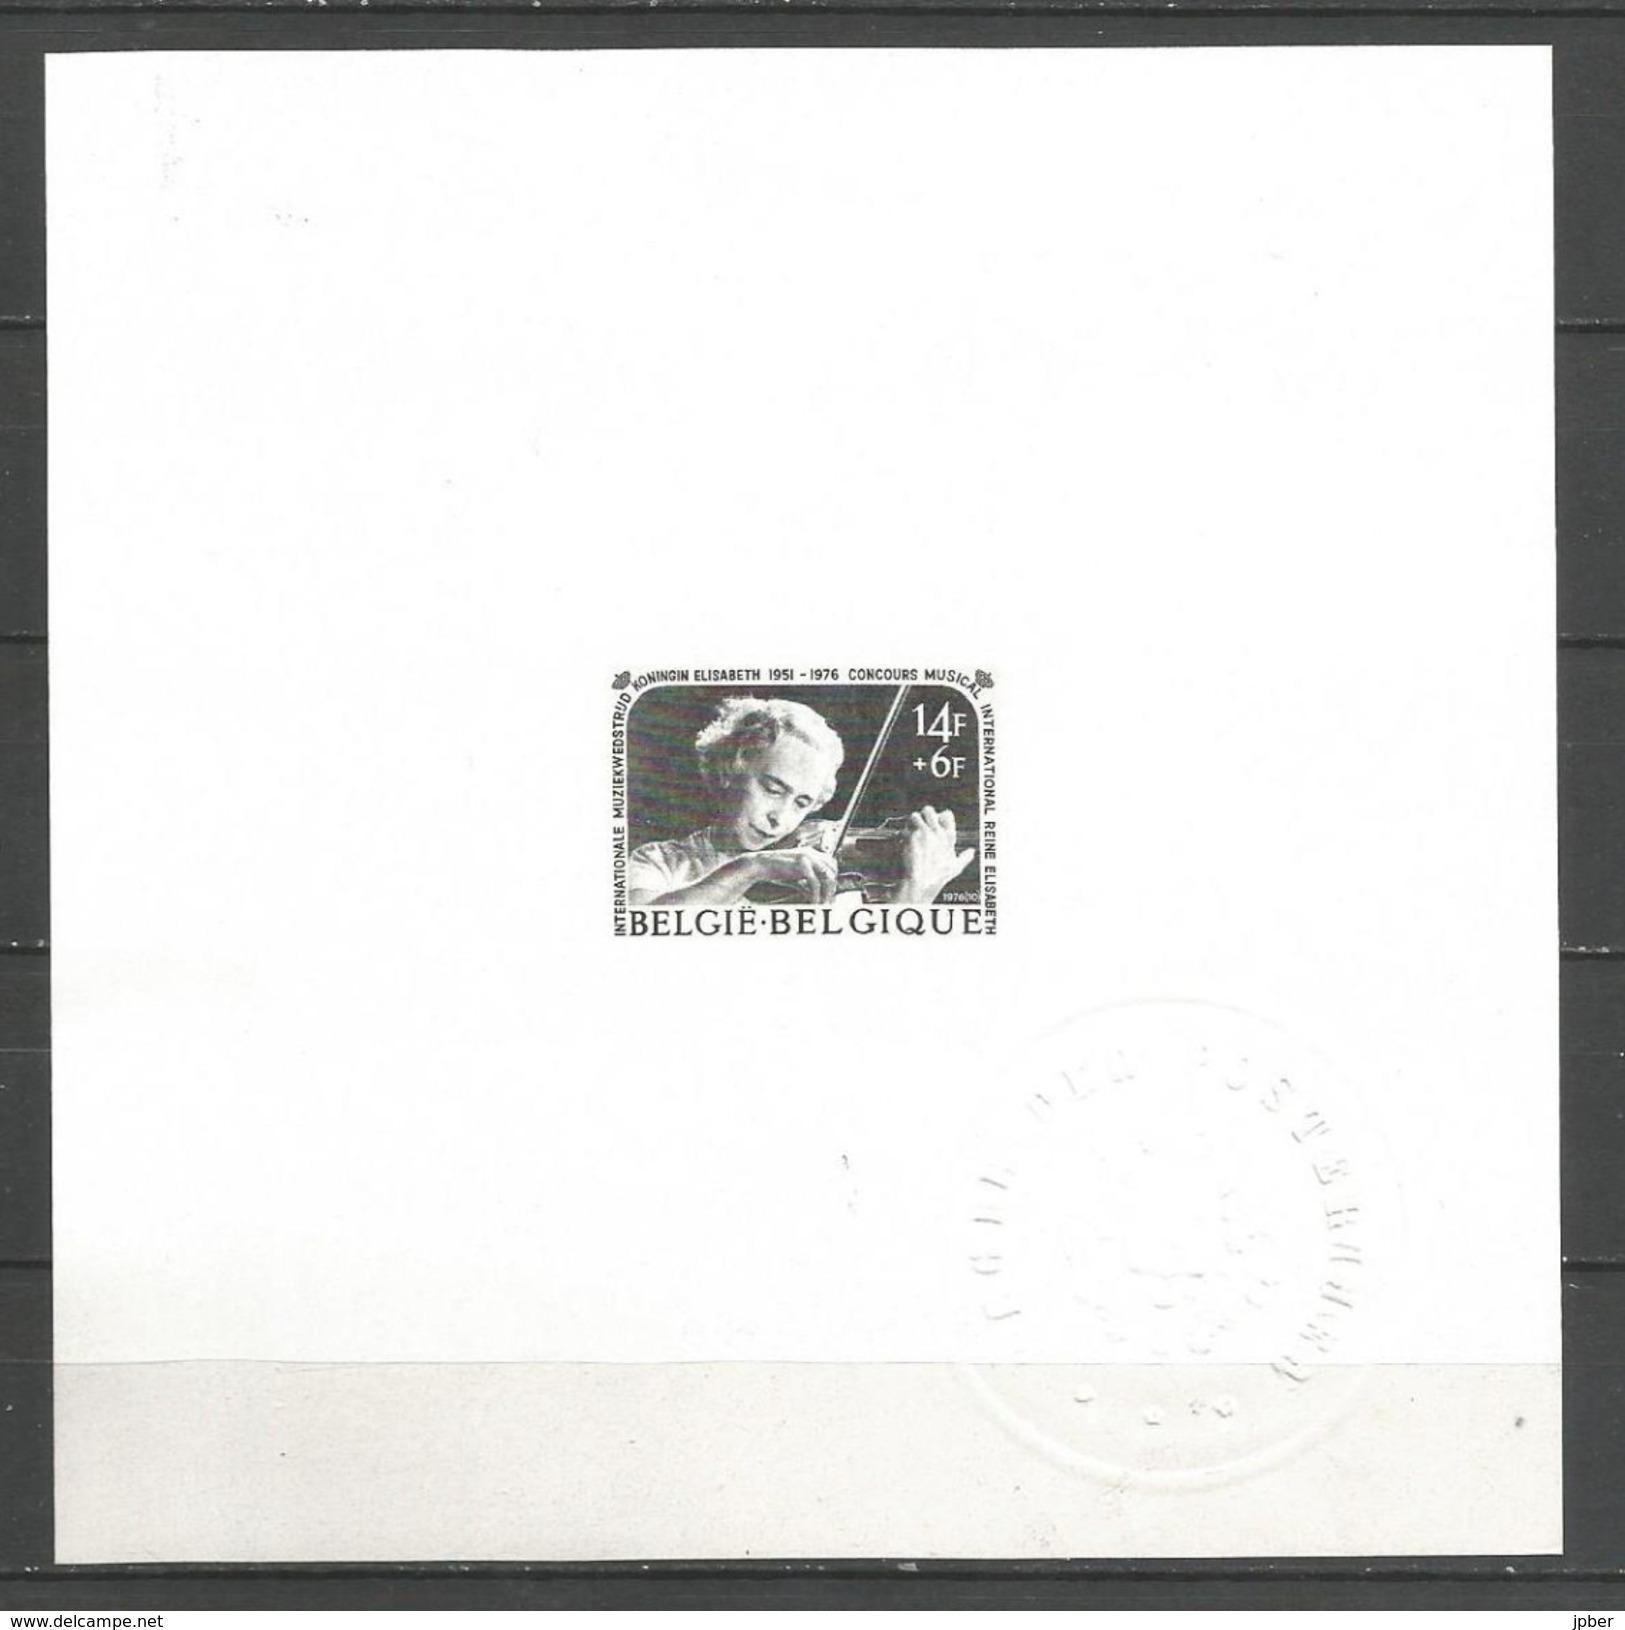 Belgique - R105 - N° 1804 - Feuillet Ministériel - Concours Musical Reine Elisabeth - Violon - Ministerial Panes